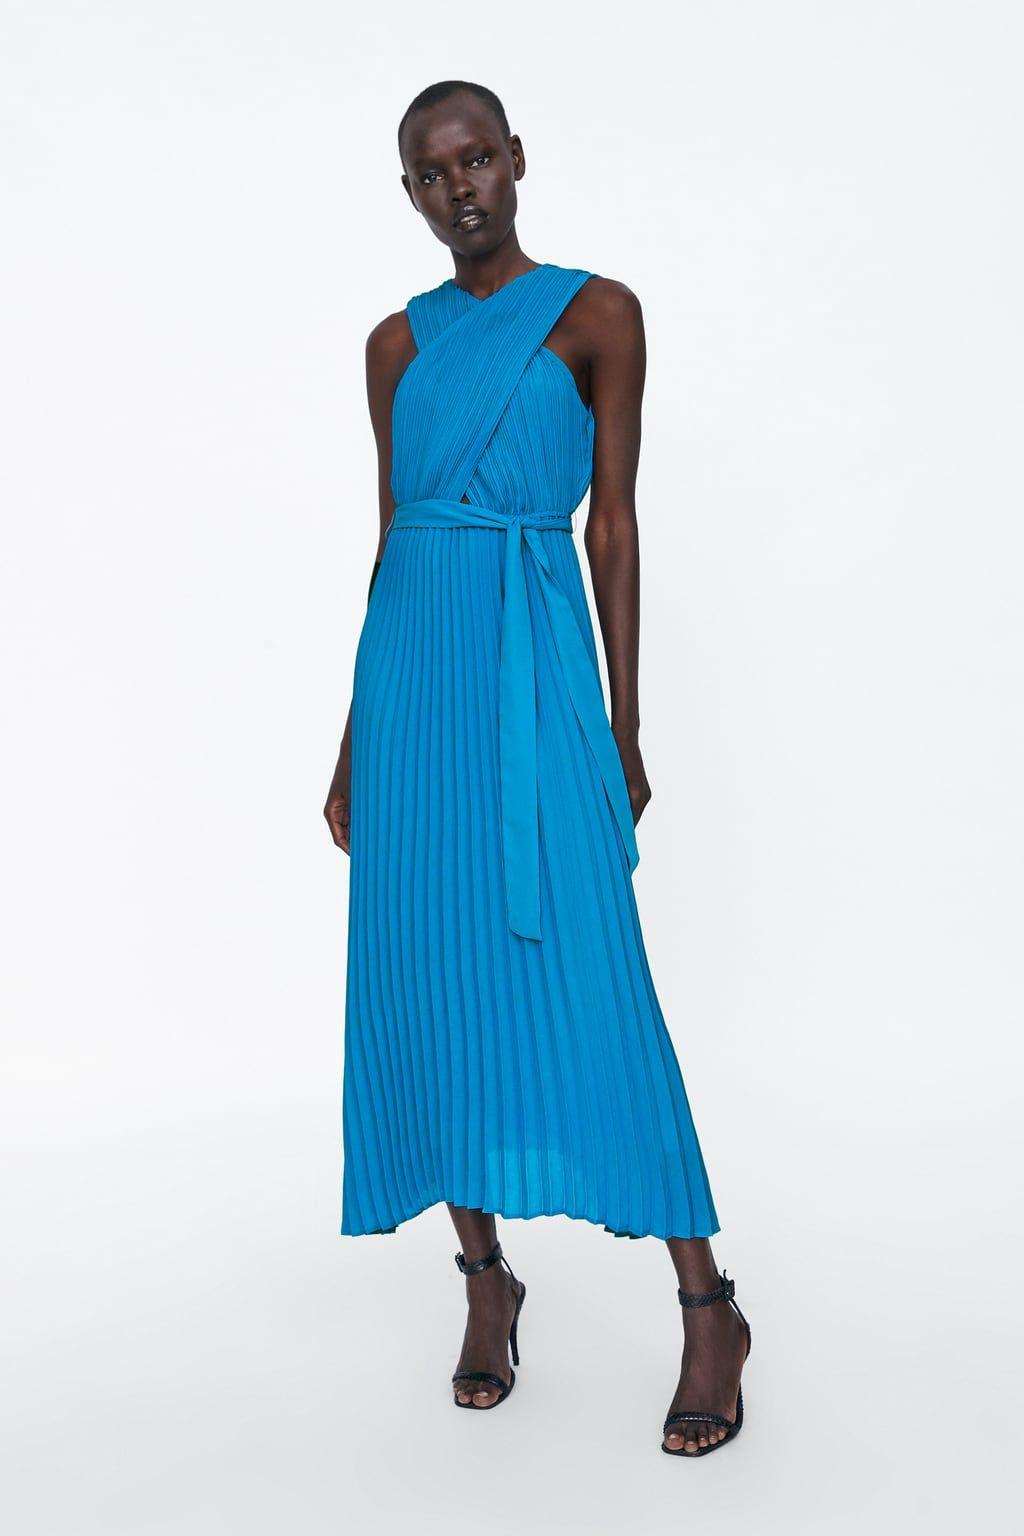 Vestido Plisado Cruzado Plissierte Kleider Plissee Kleid Maxi Kleider